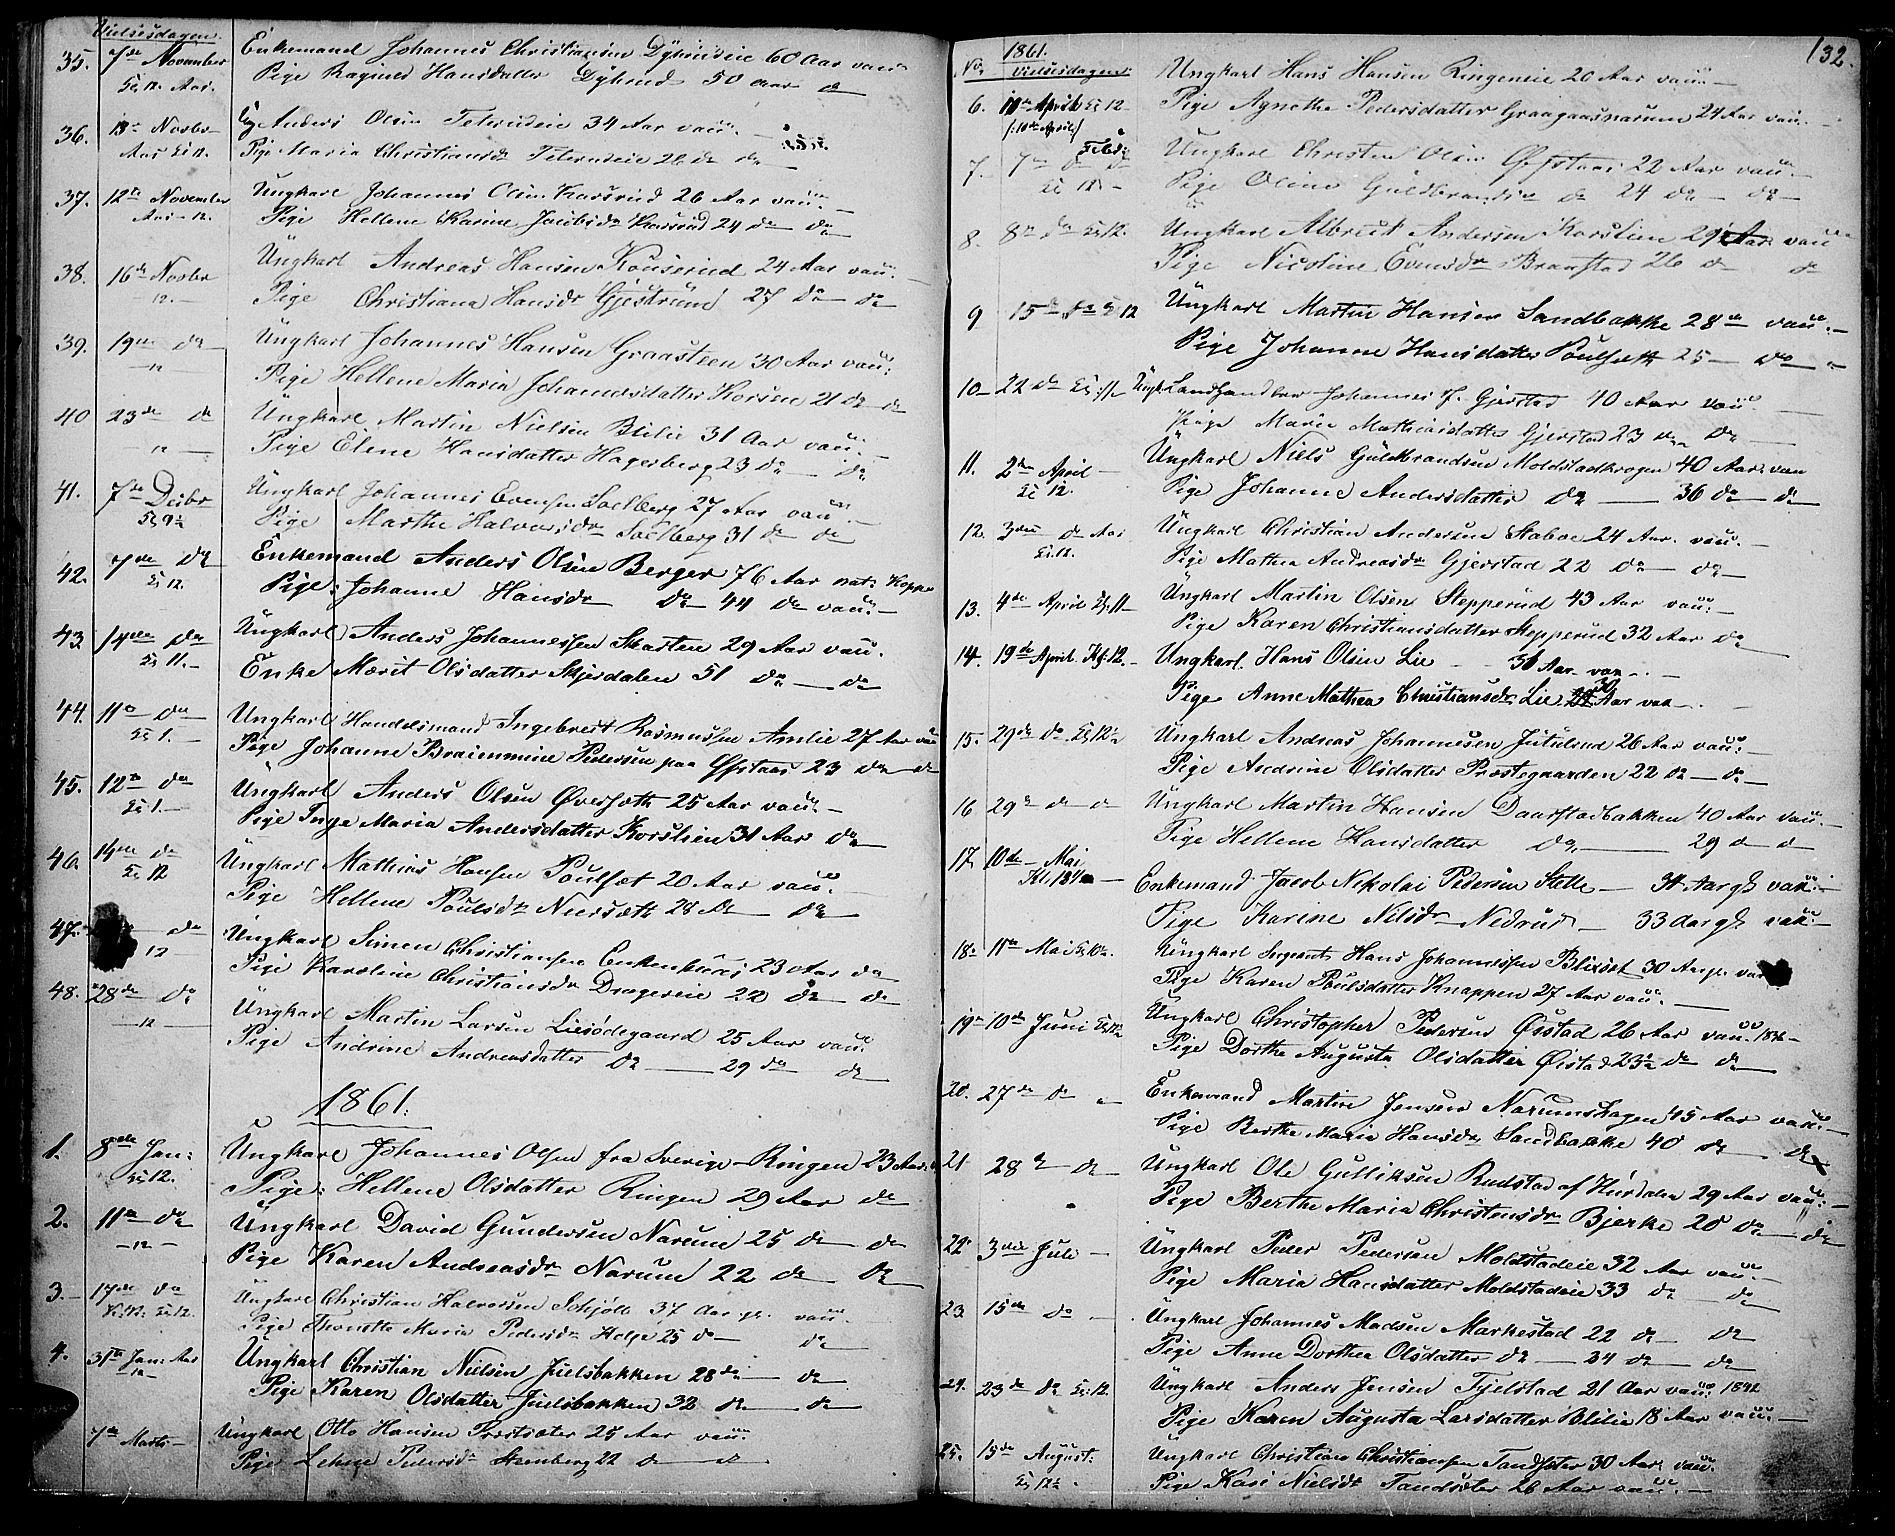 SAH, Vestre Toten prestekontor, H/Ha/Hab/L0005: Klokkerbok nr. 5, 1854-1870, s. 132